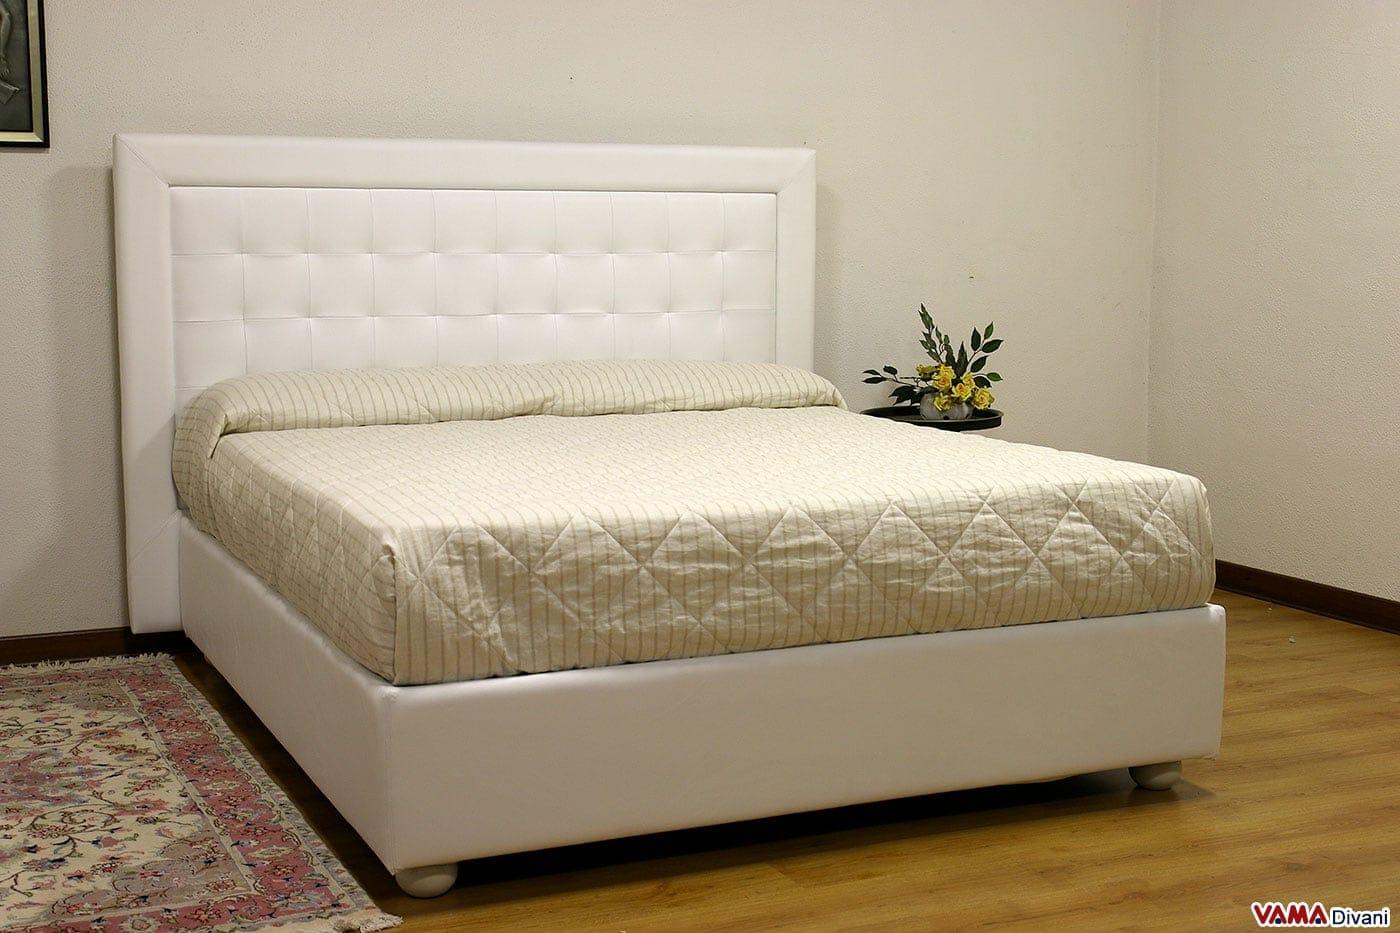 Letto moderno bianco in pelle con testiera a quadri - Testiere letto moderne ...